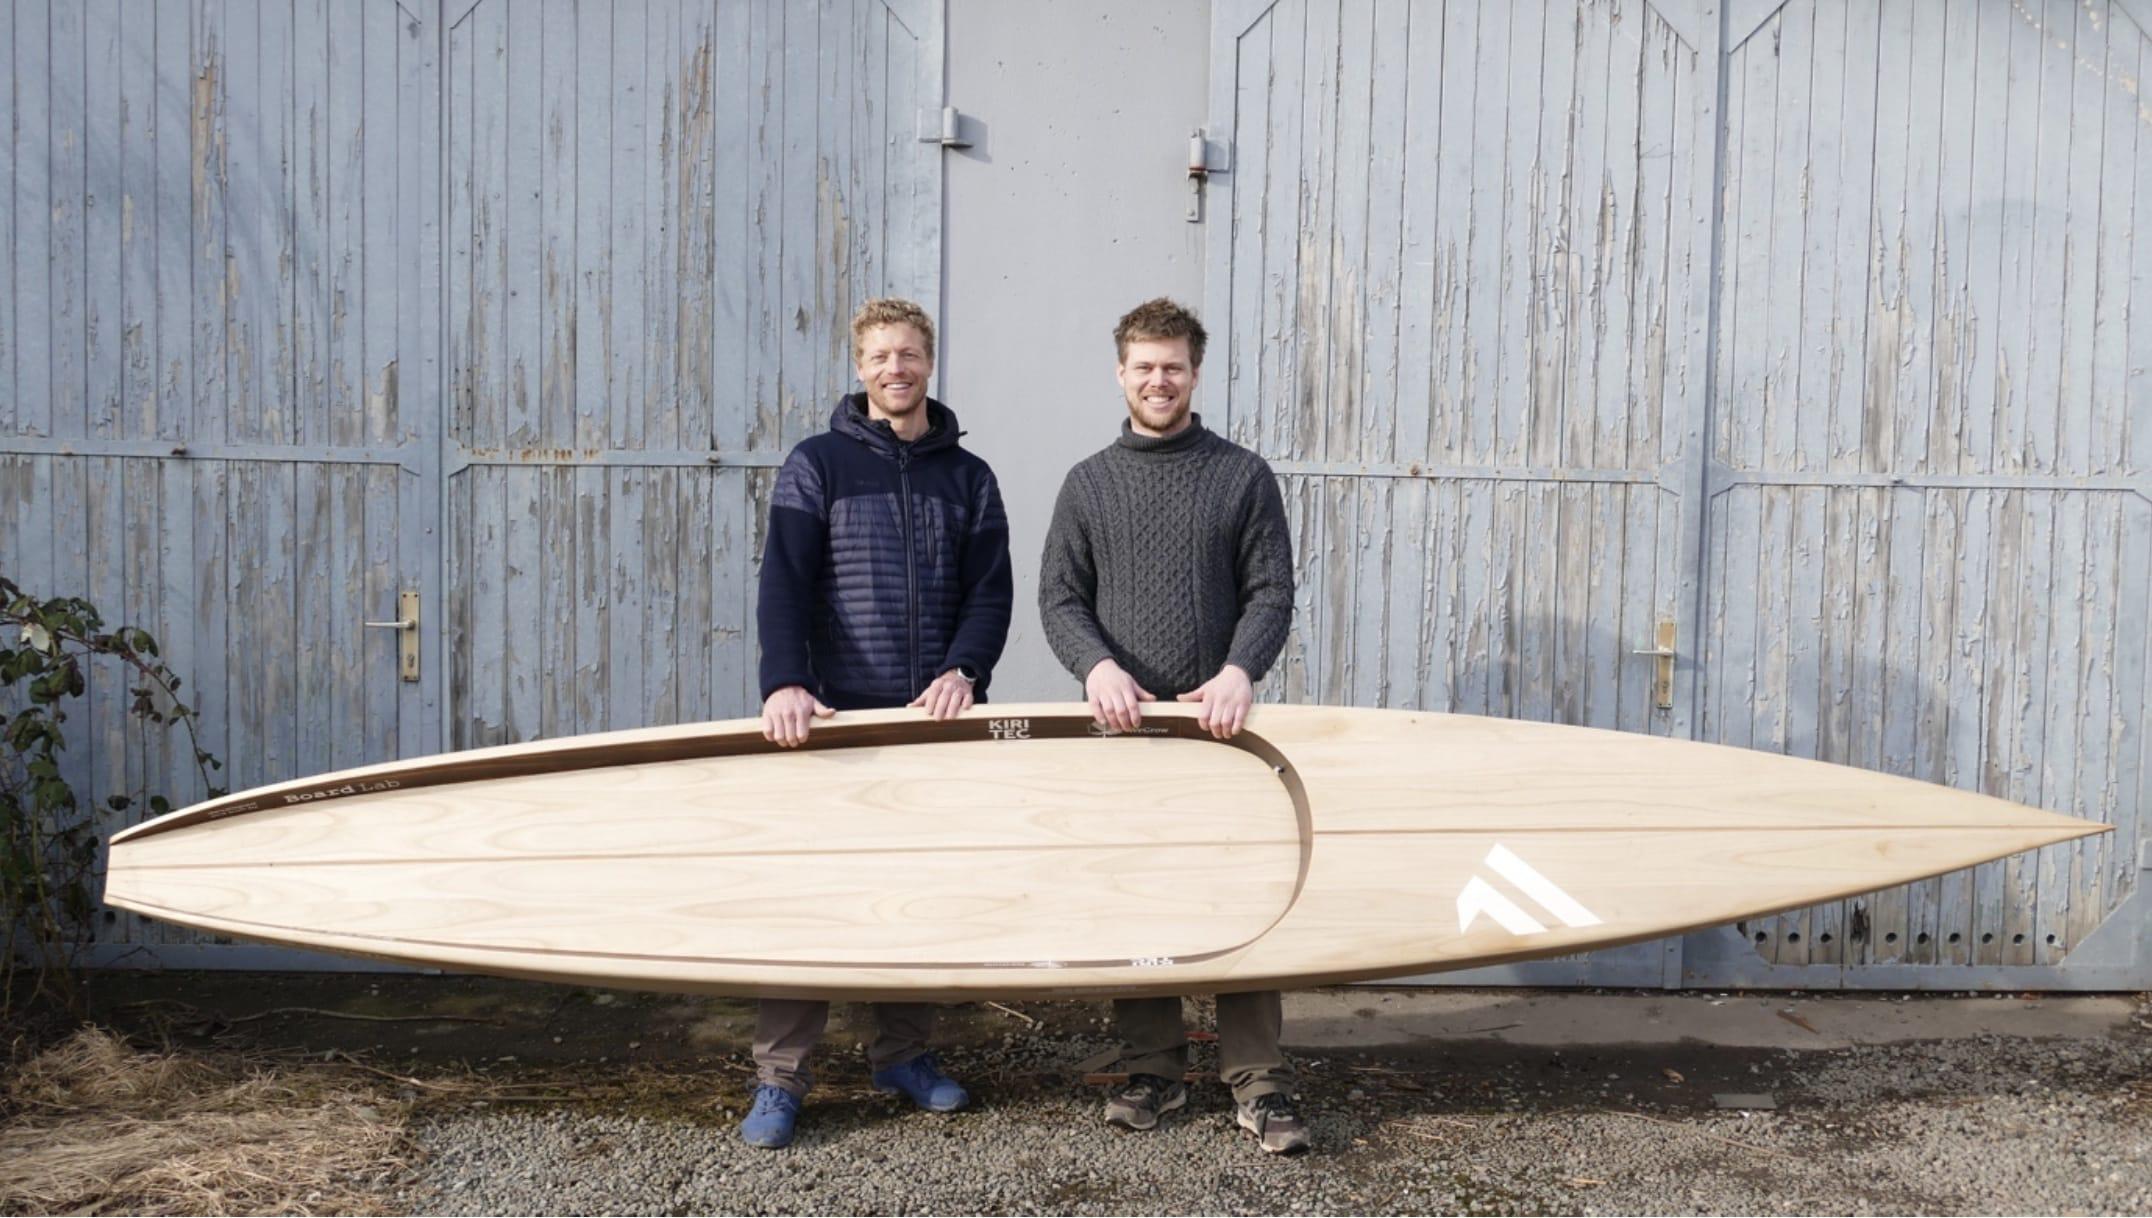 Michael Walther und Jannek Grocholl mit nachhaltigem SUP